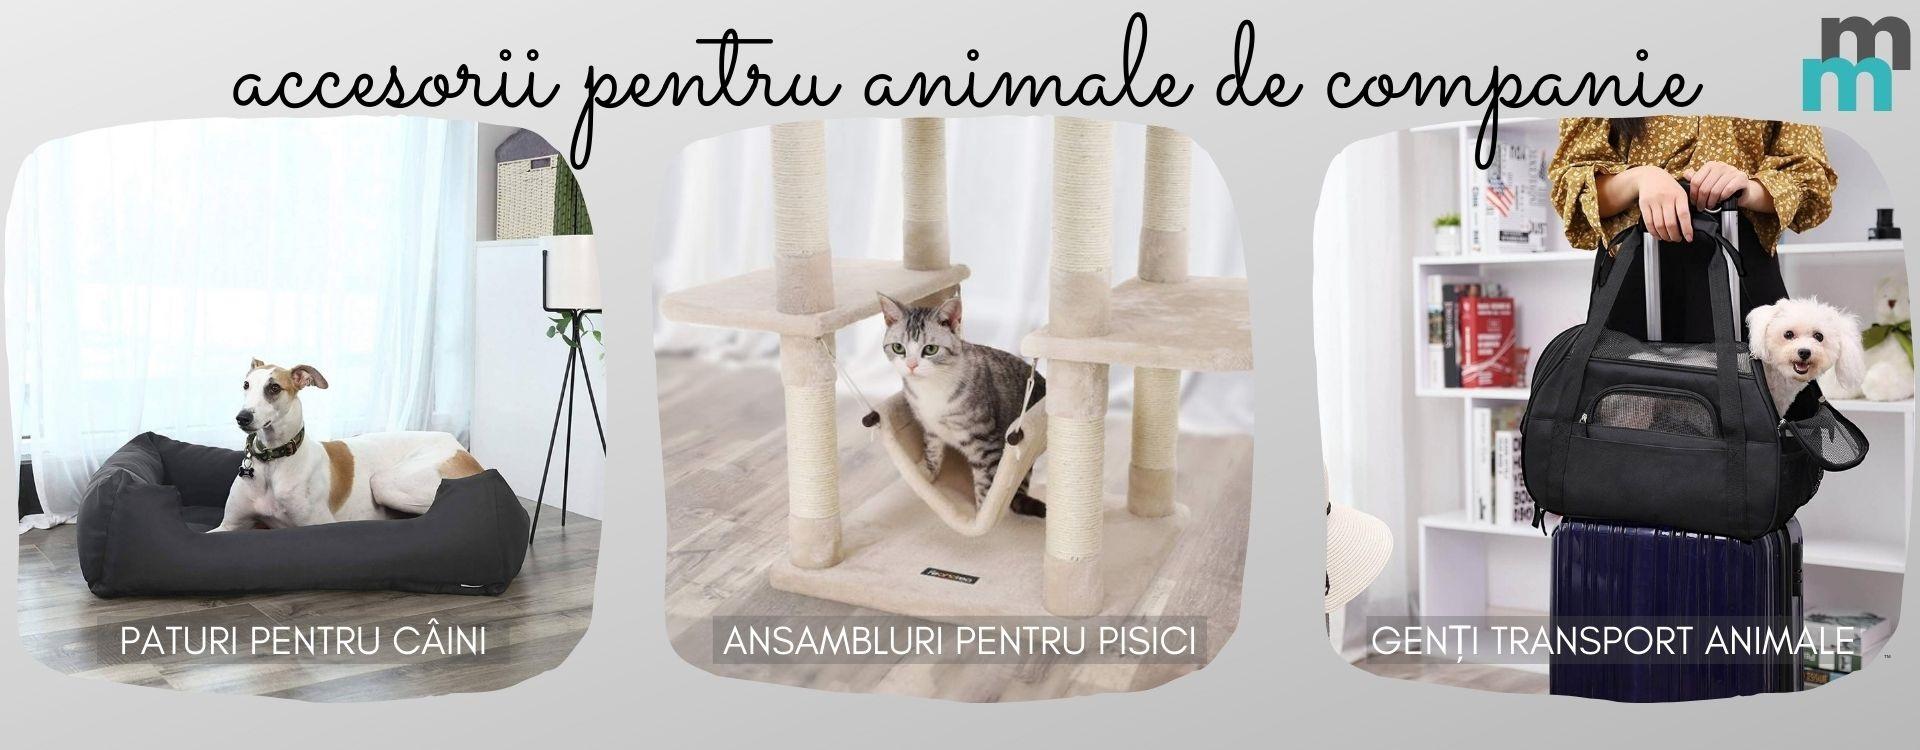 Accesorii pentru animale